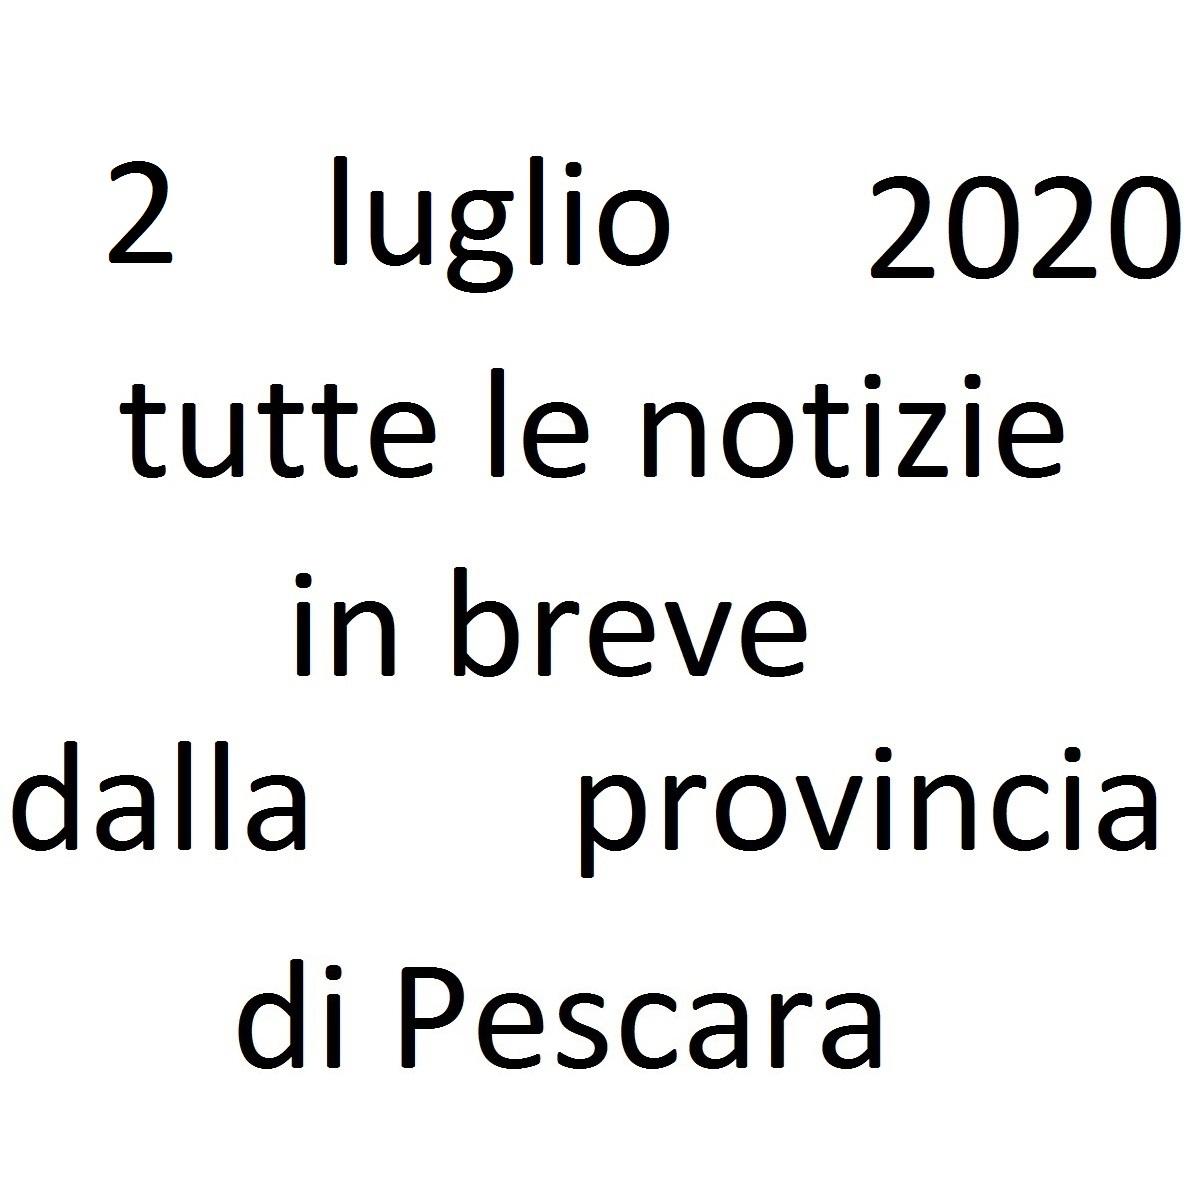 2 luglio 2020 notizie in breve dalla Provincia di Pescara foto